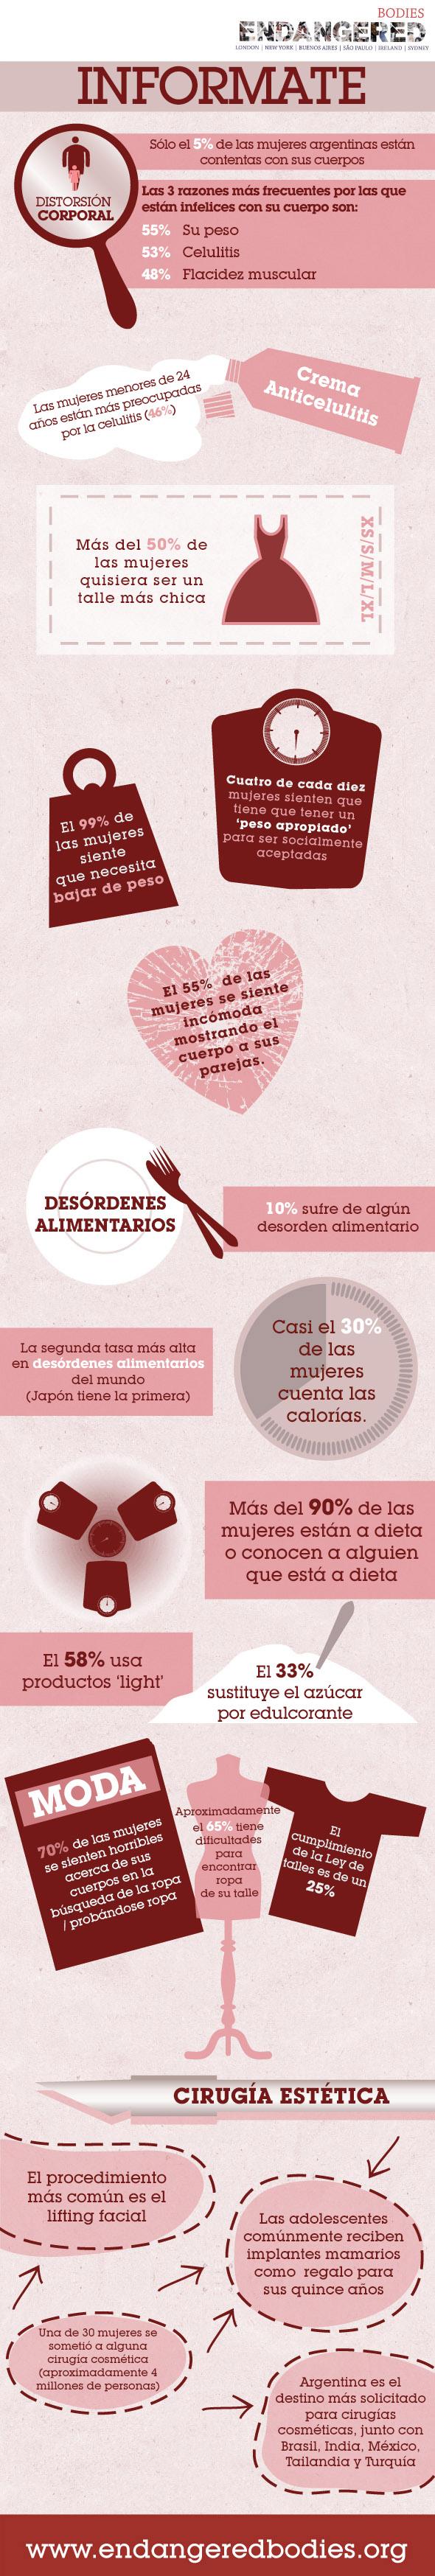 Informate - infografia de Anybody Argentina  Por Jo Harrison http://pinterest.com/joh80/ y Lucrecia Fernandez http://pinterest.com/lucreciaf/